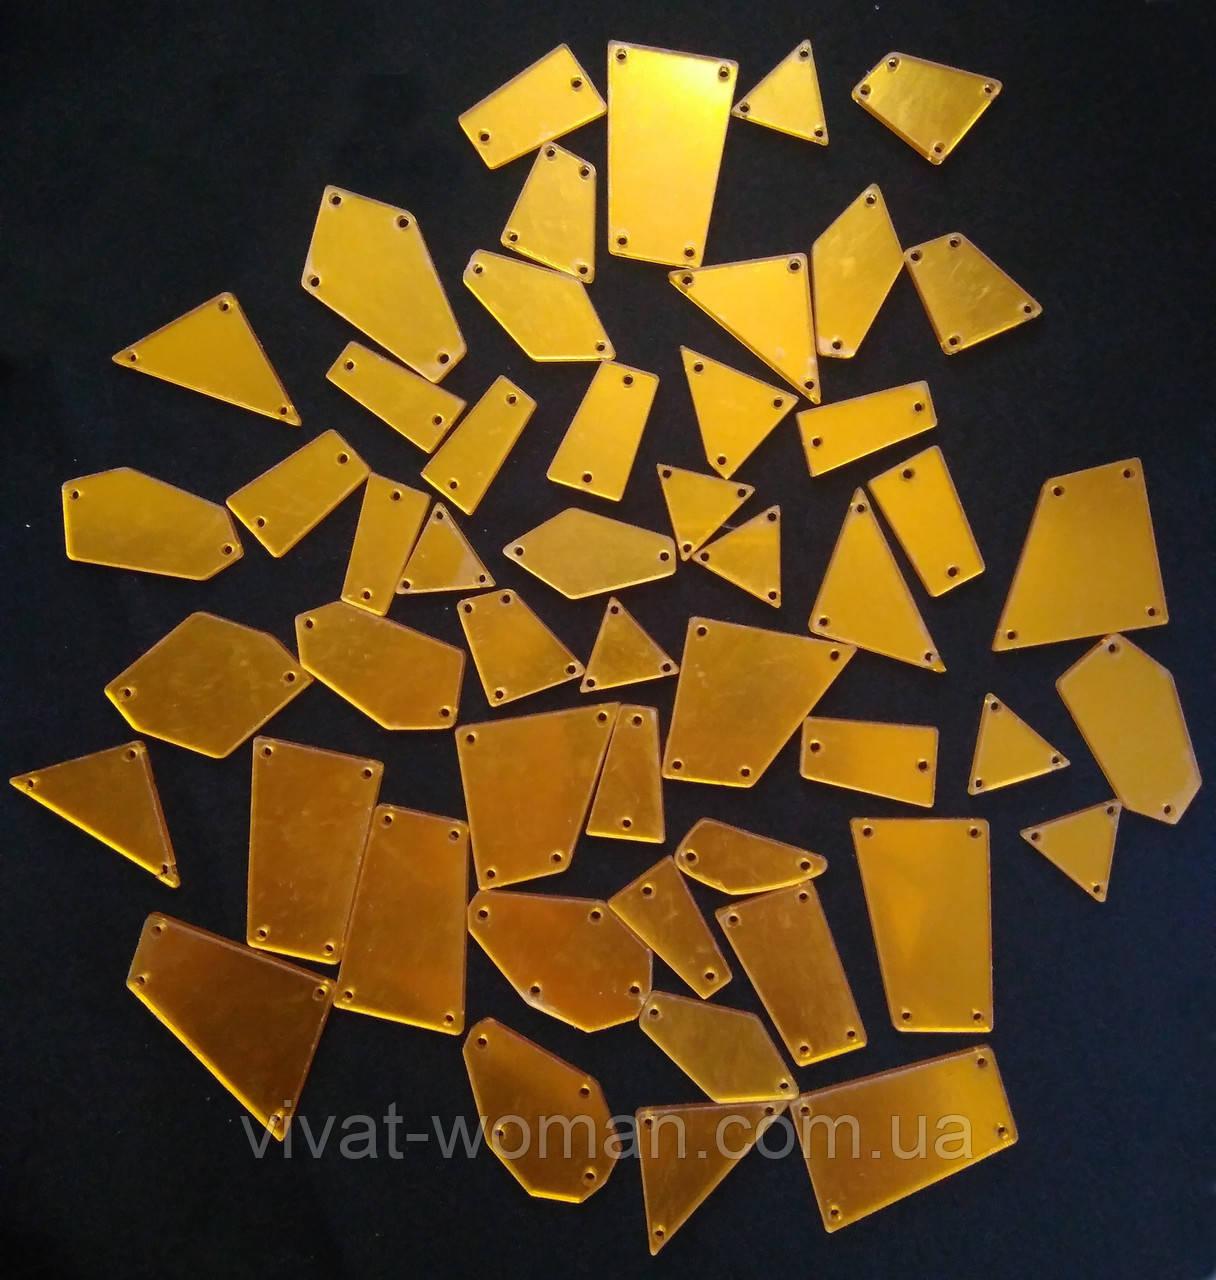 Дзеркальні пришивні стрази Gold (золоті), мікс. 50 штук в уп.